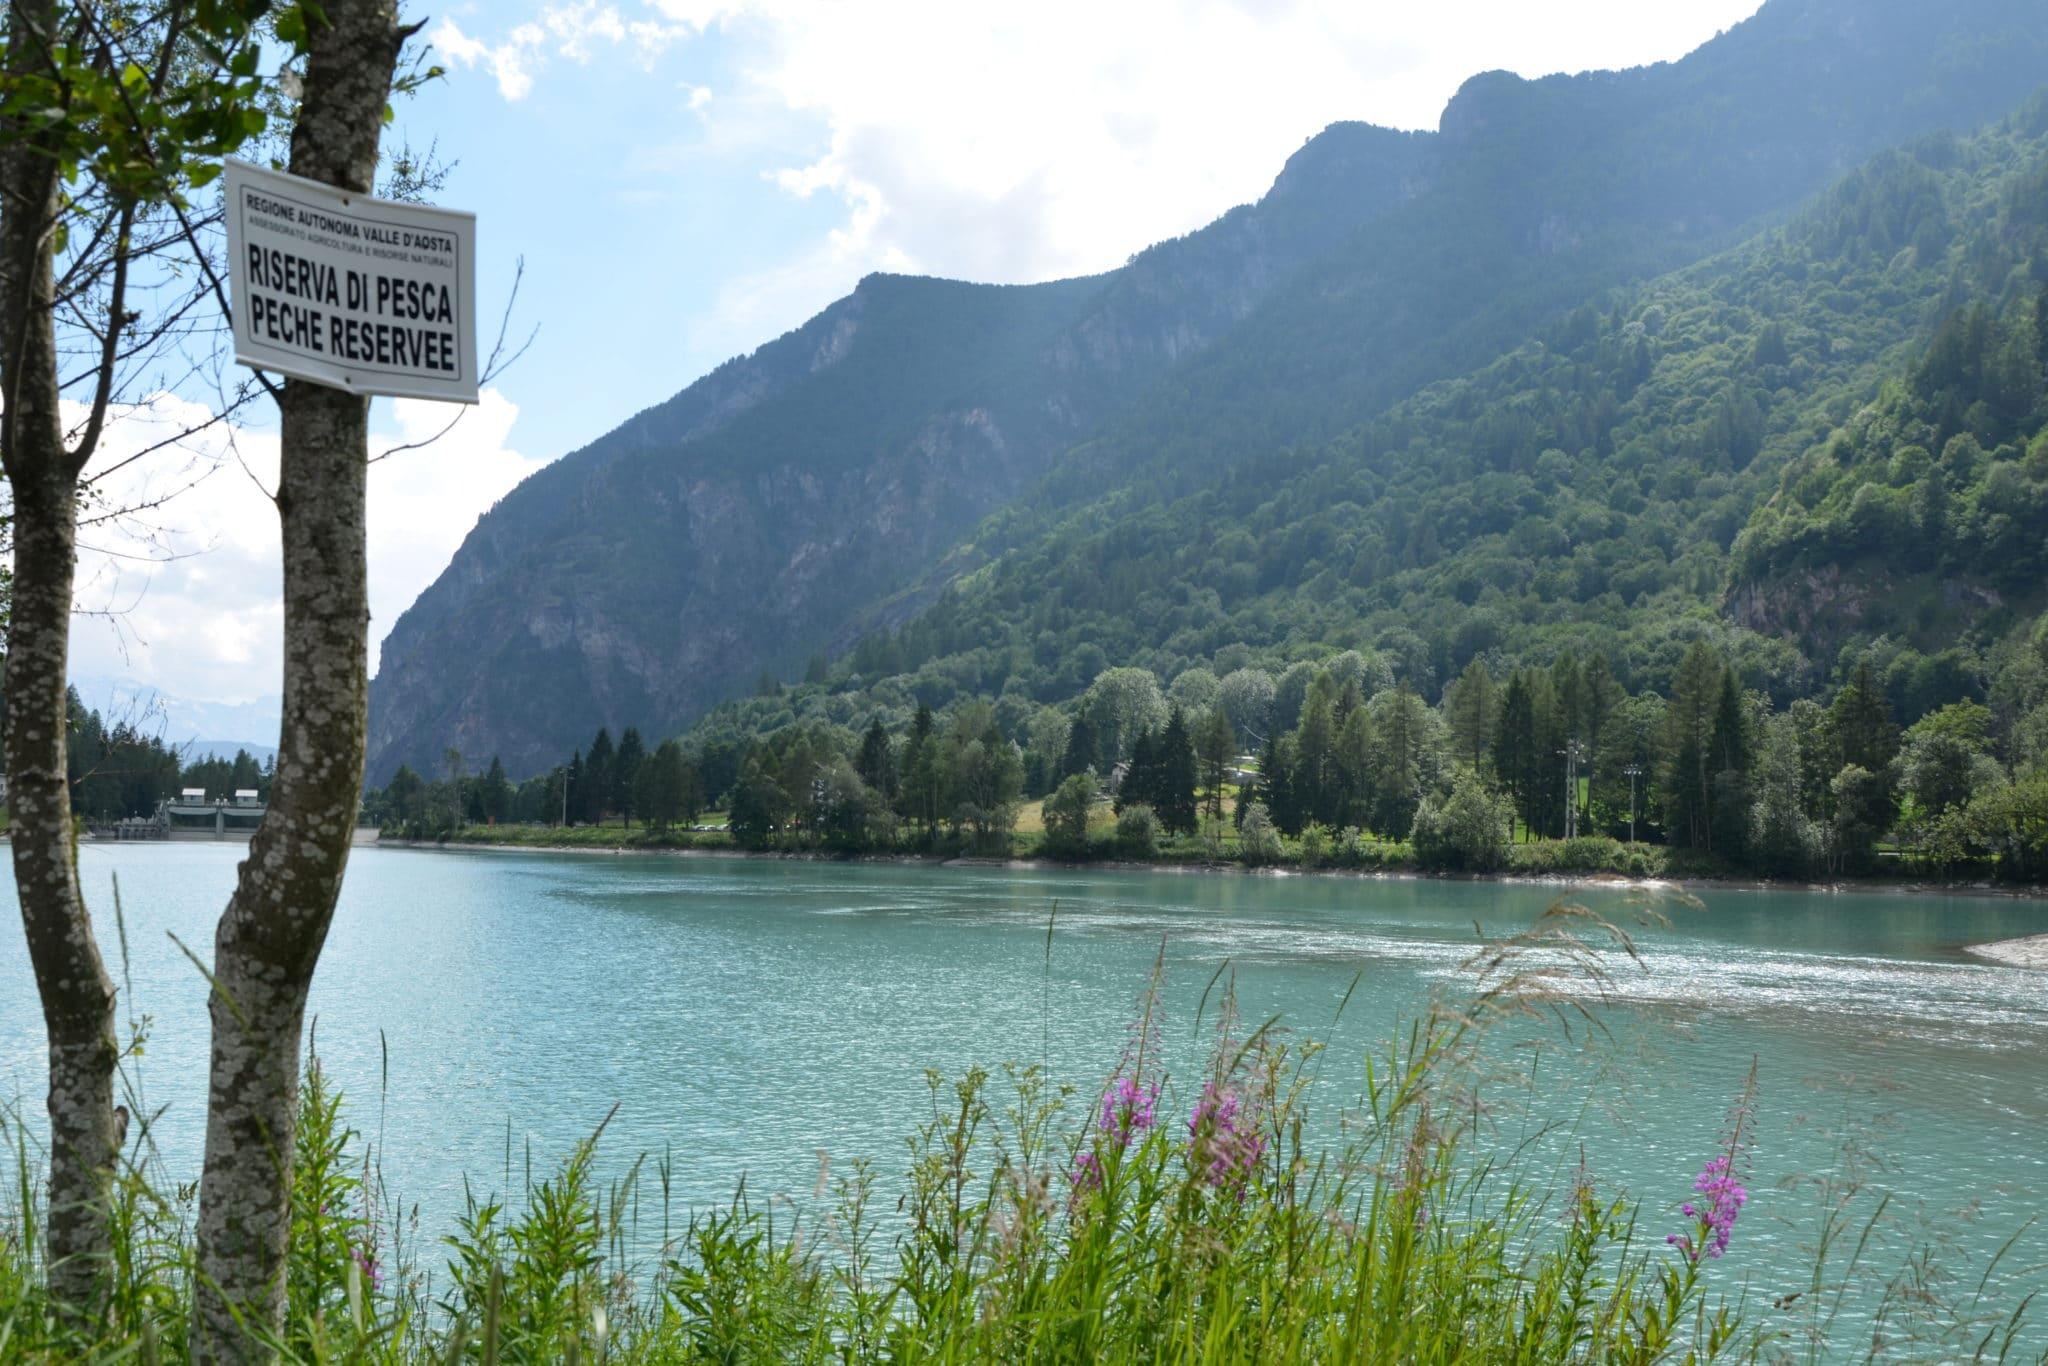 Tutte le riserve a cattura (turistiche e speciali) sono chiuse.